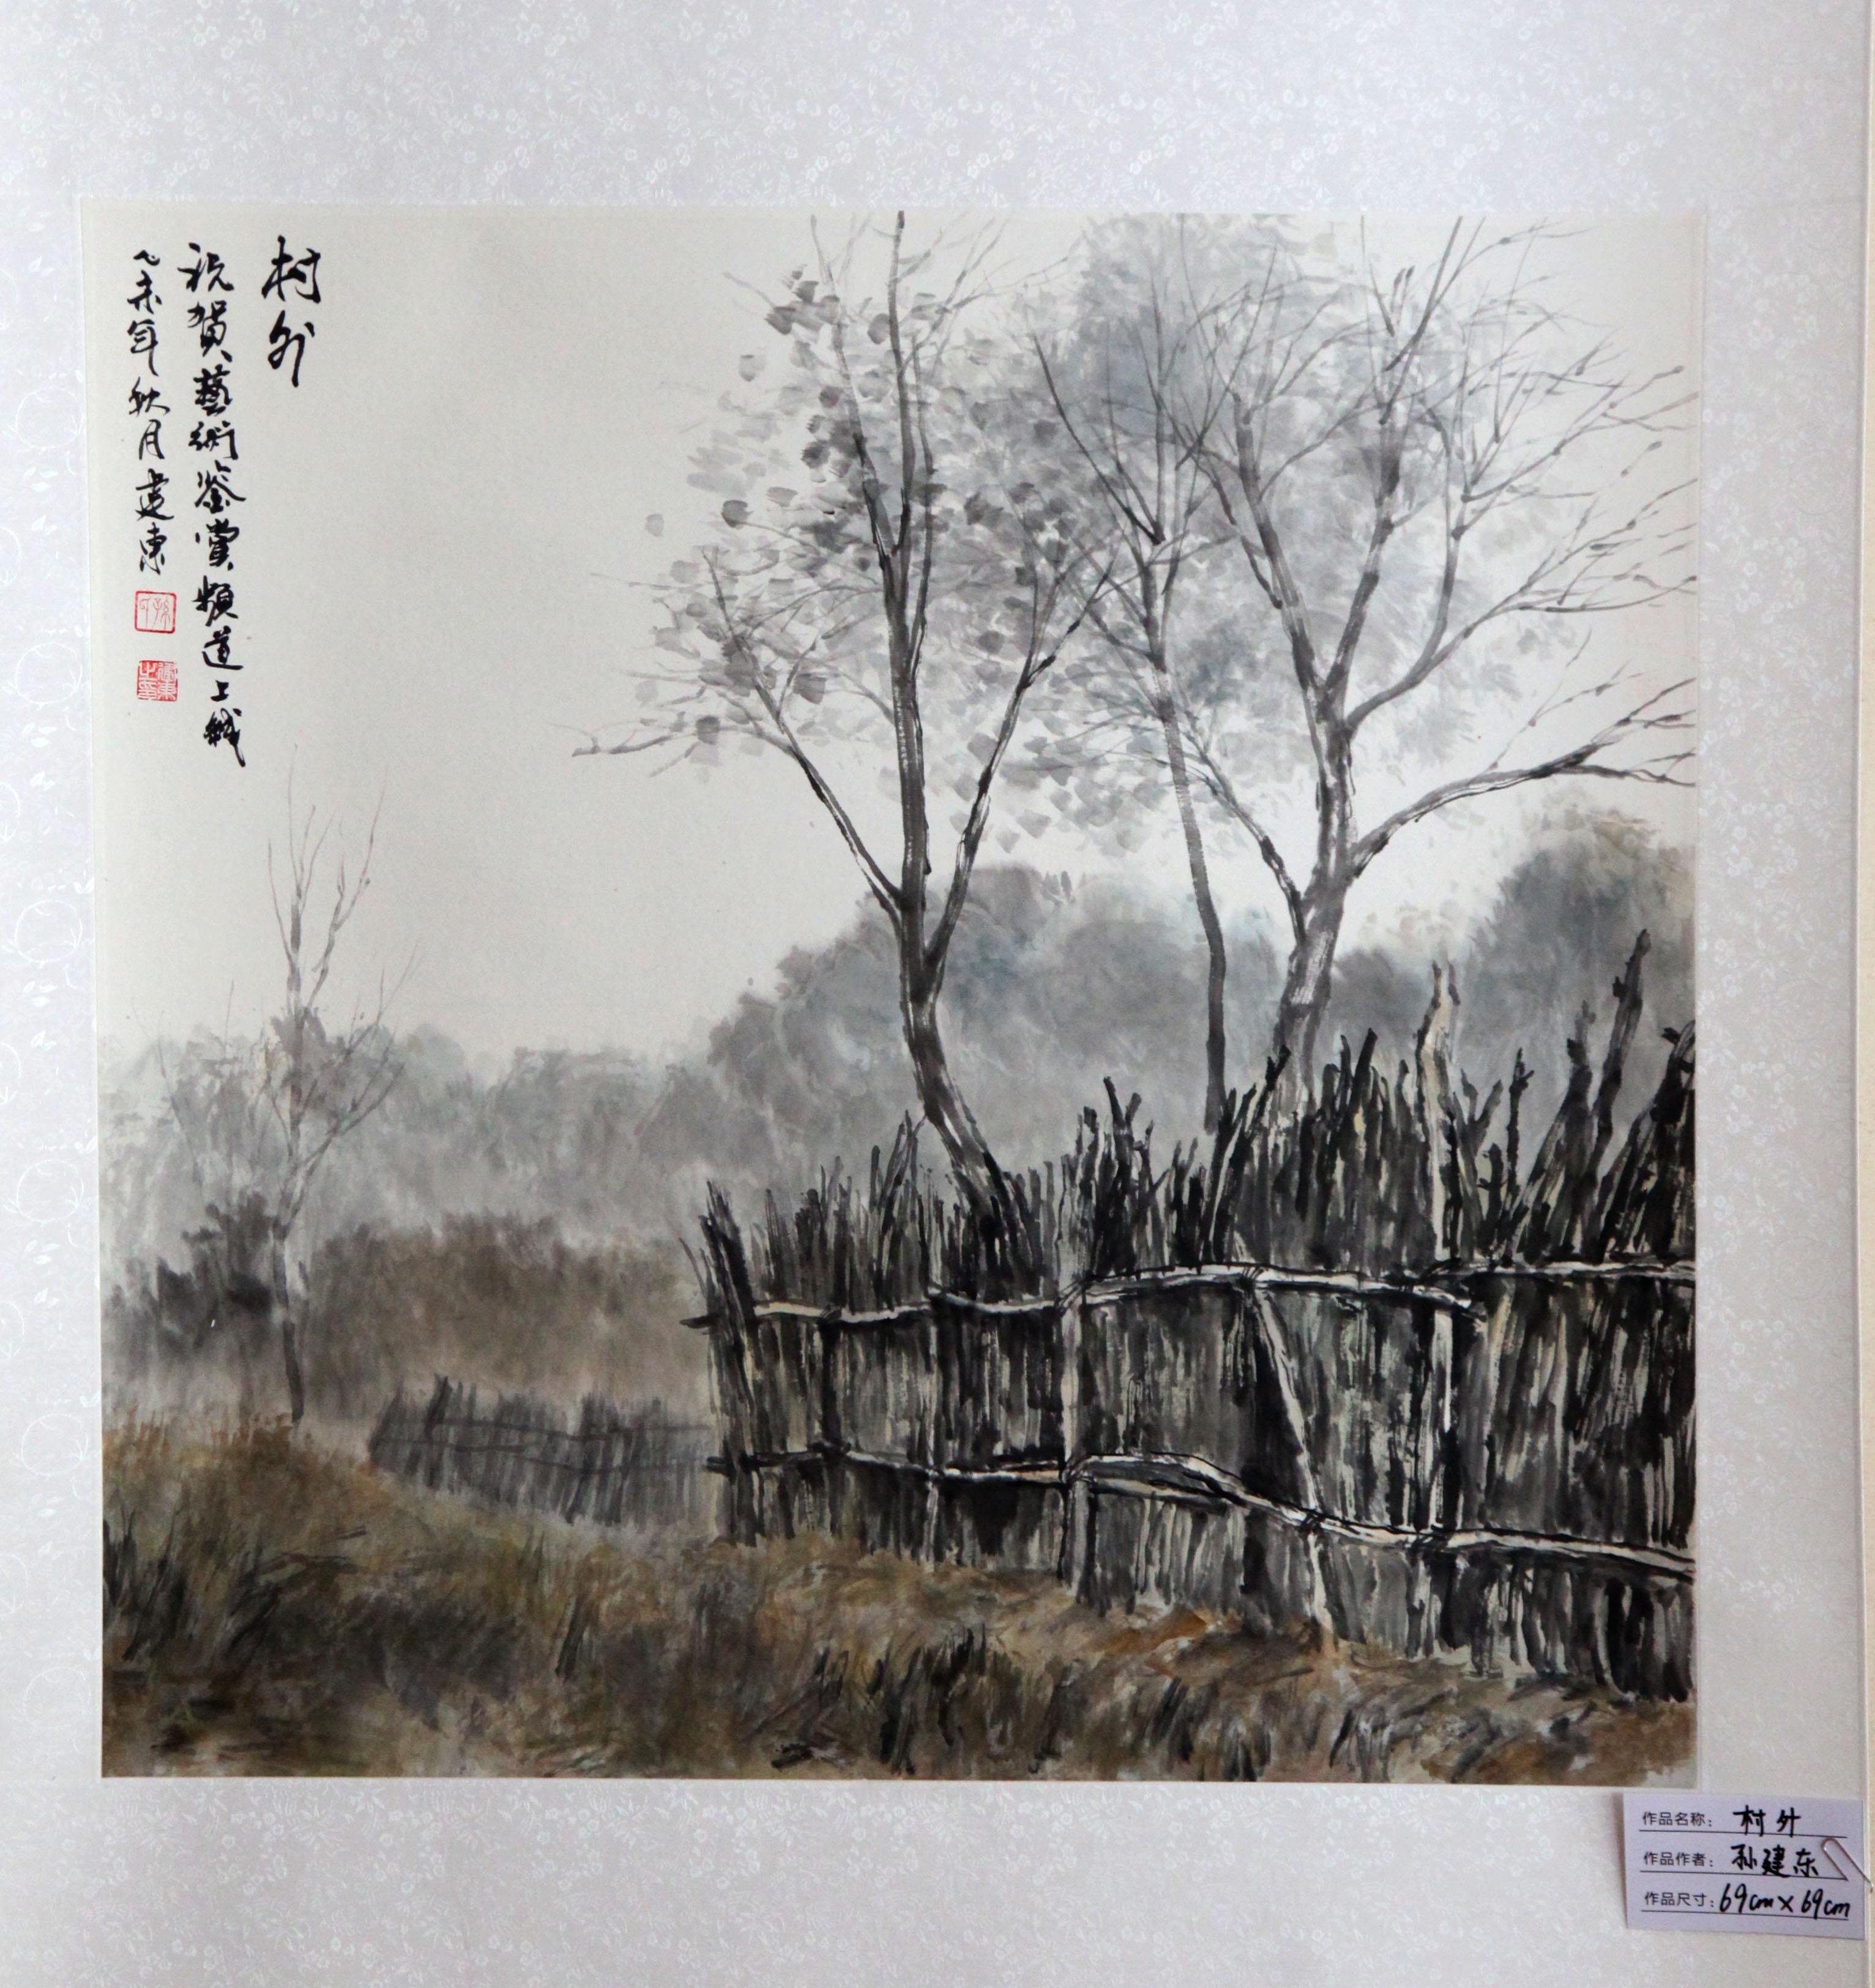 北京会议中心大厅里,全国政协委员,中央美术学院院长范迪安刚一出现图片